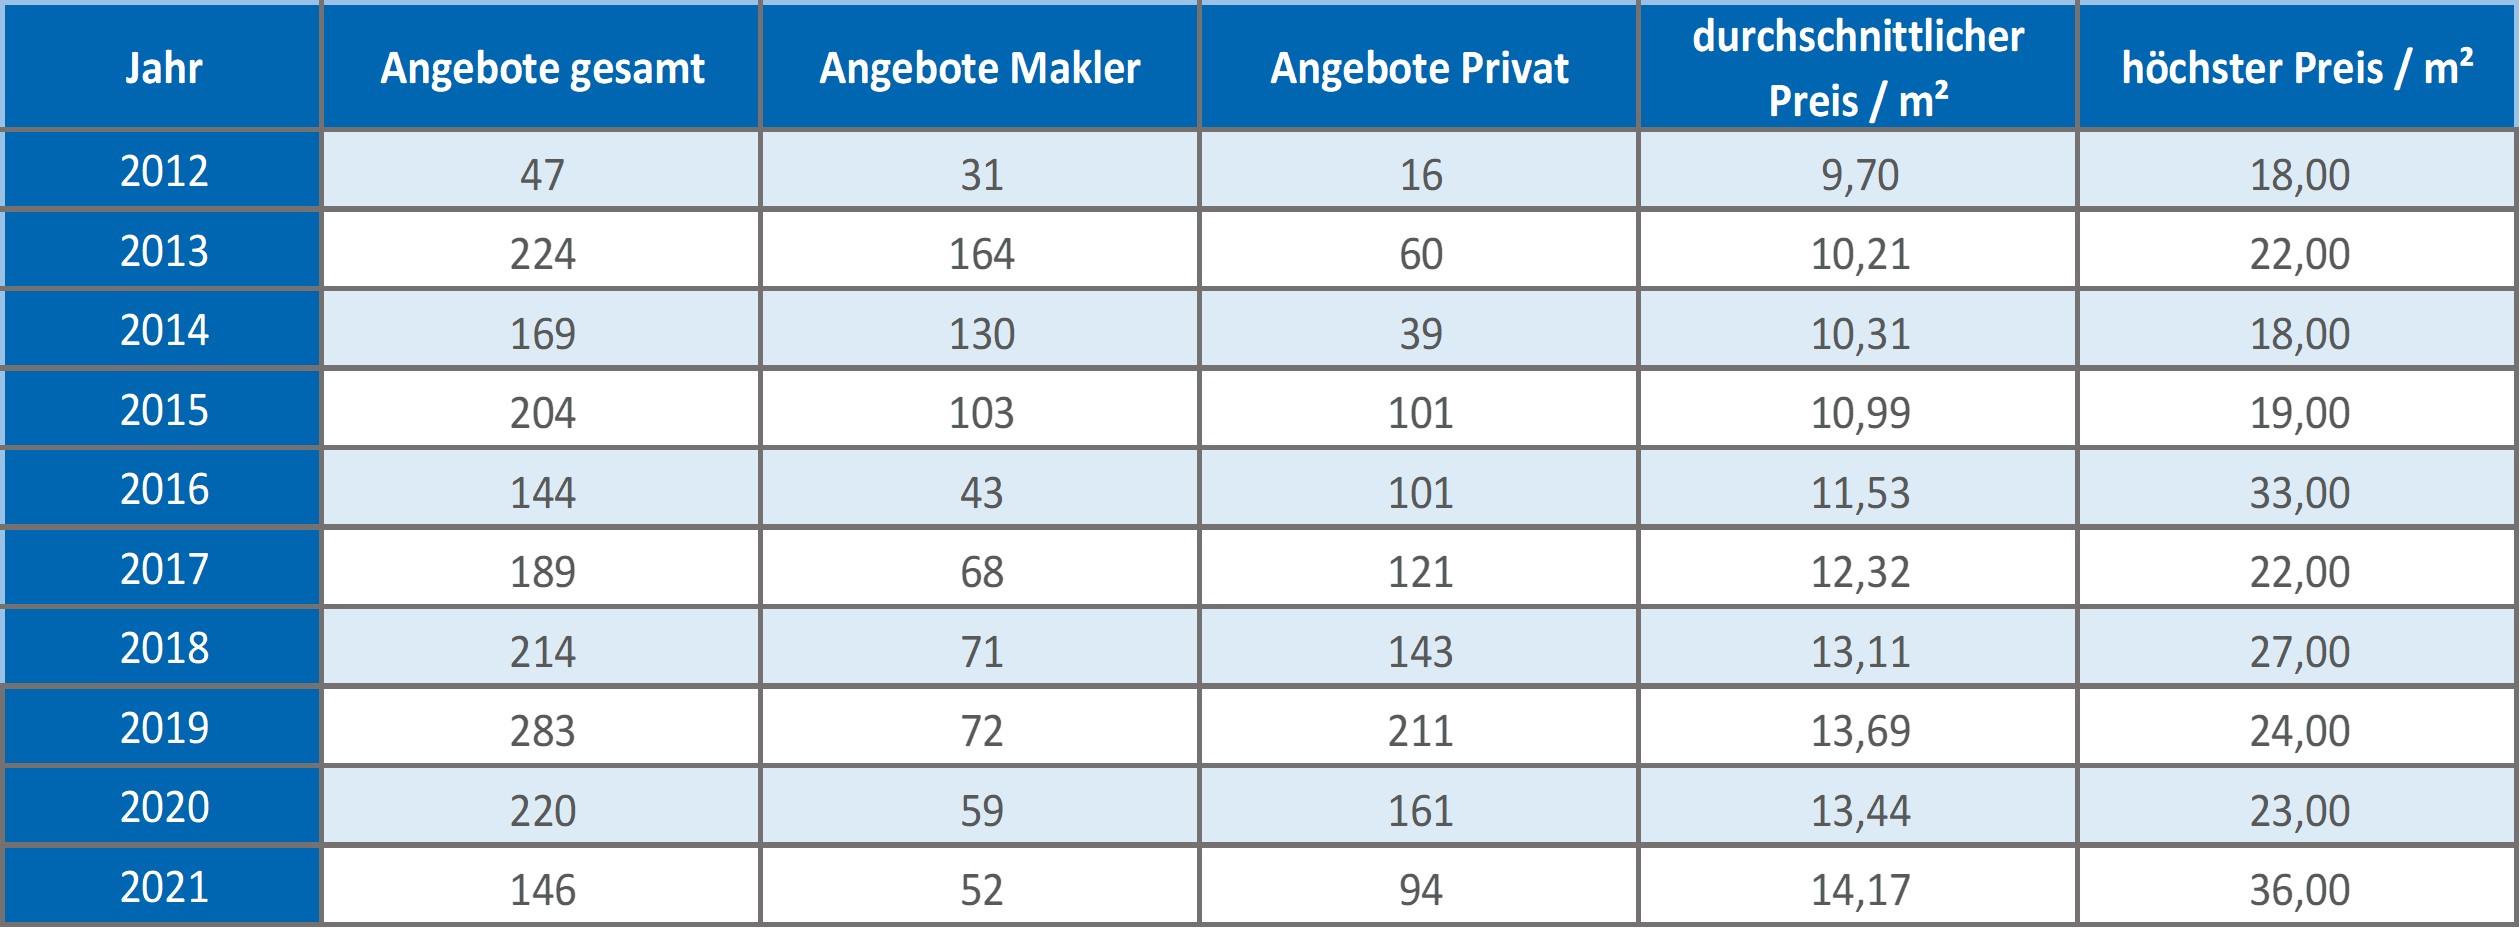 Holzkirchen Wohnung mieten vermieten Preis Bewertung Makler www.happy-immo.de 2019 2020 2021